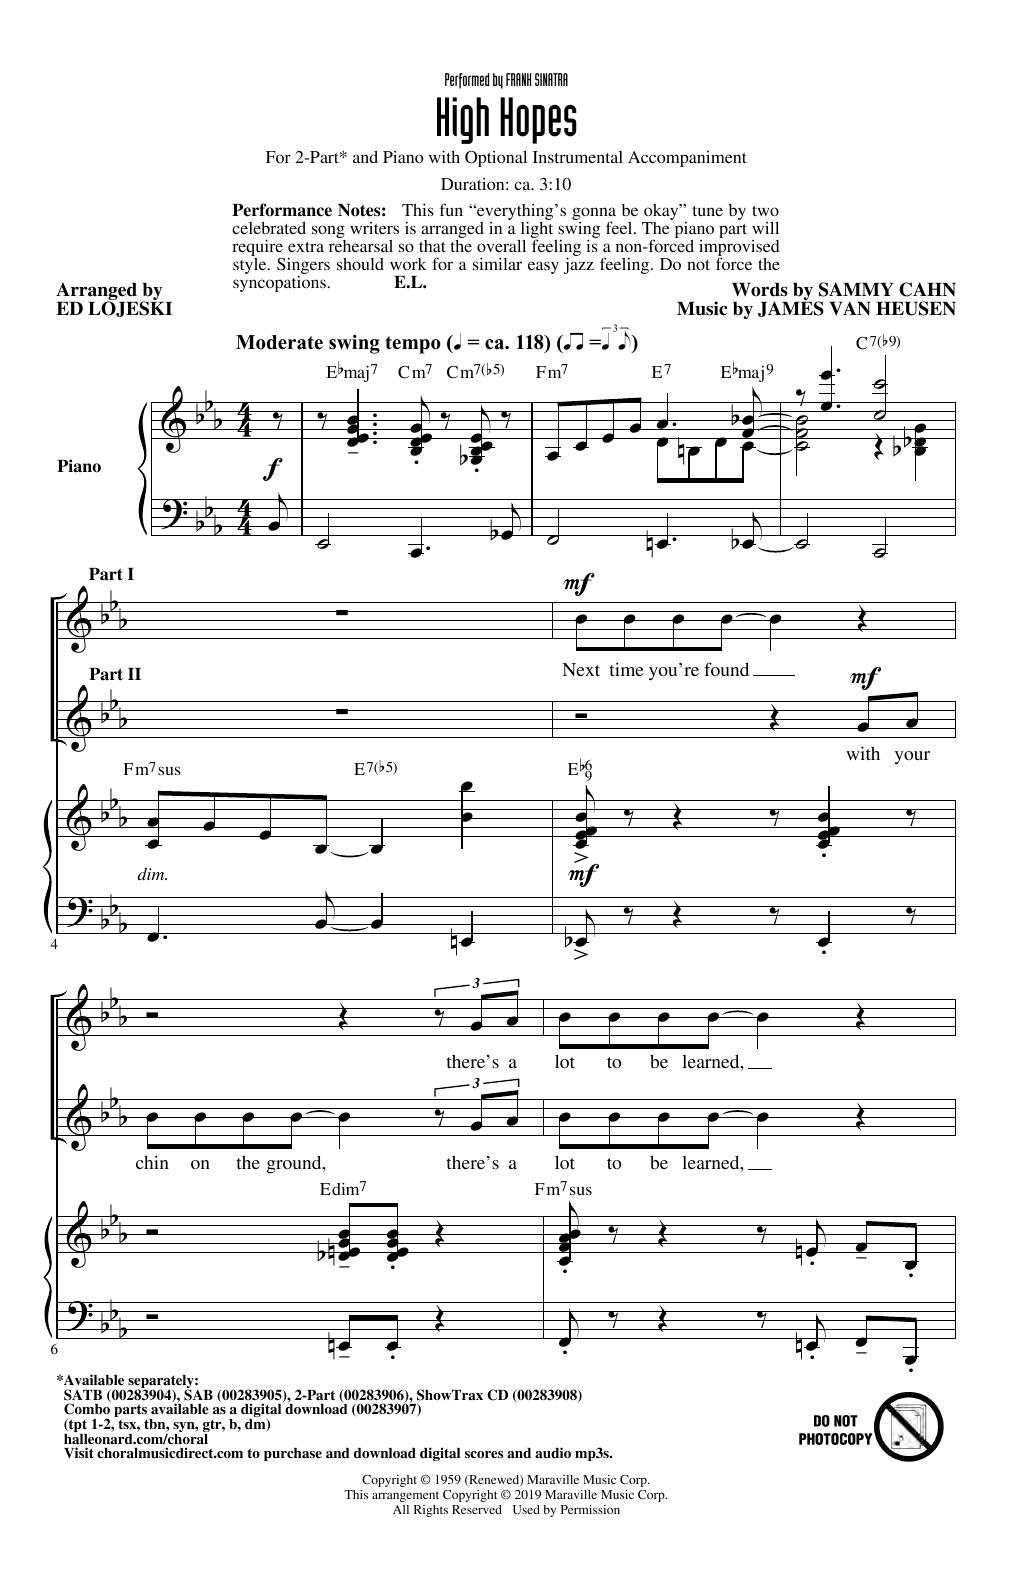 High Hopes (arr. Ed Lojeski) (2-Part Choir)